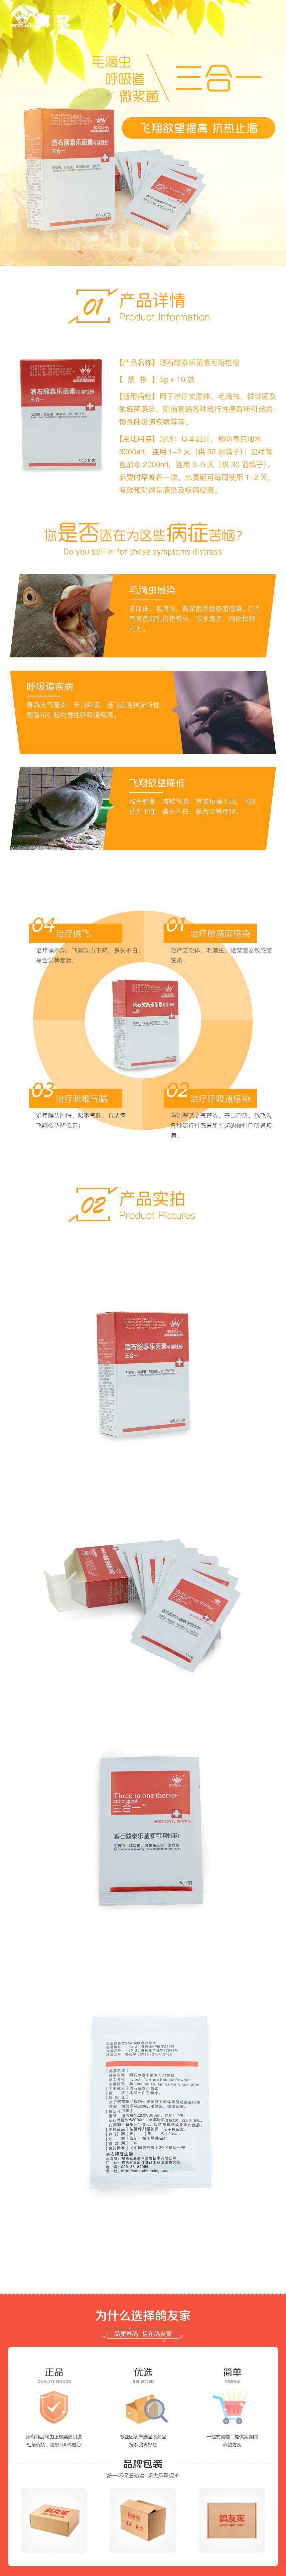 酒石酸泰乐菌素.jpg